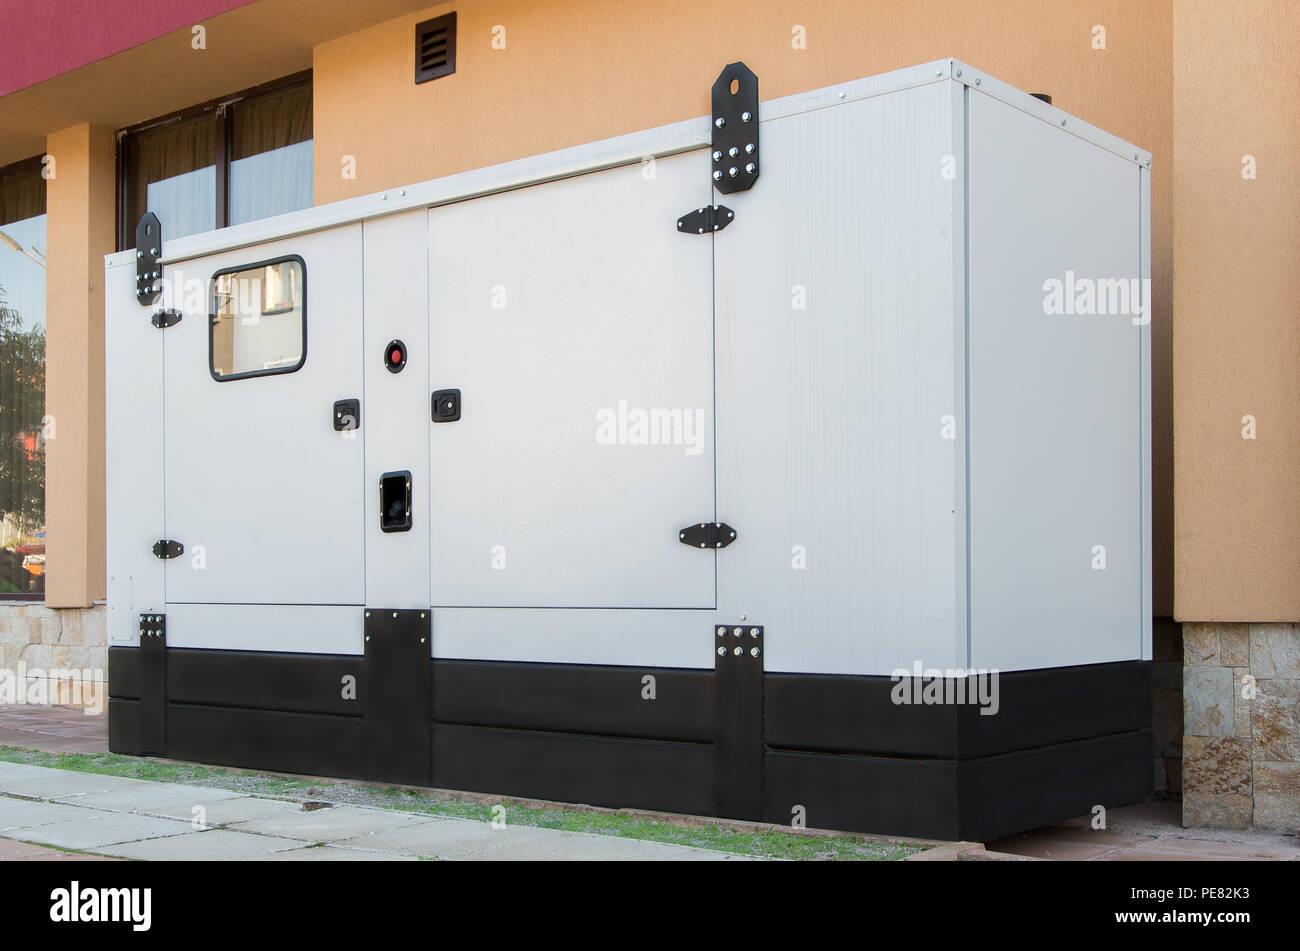 haus generator oberkrainer haus generator haus unterstützung für sofortmaßnahmen elektrische energie energie